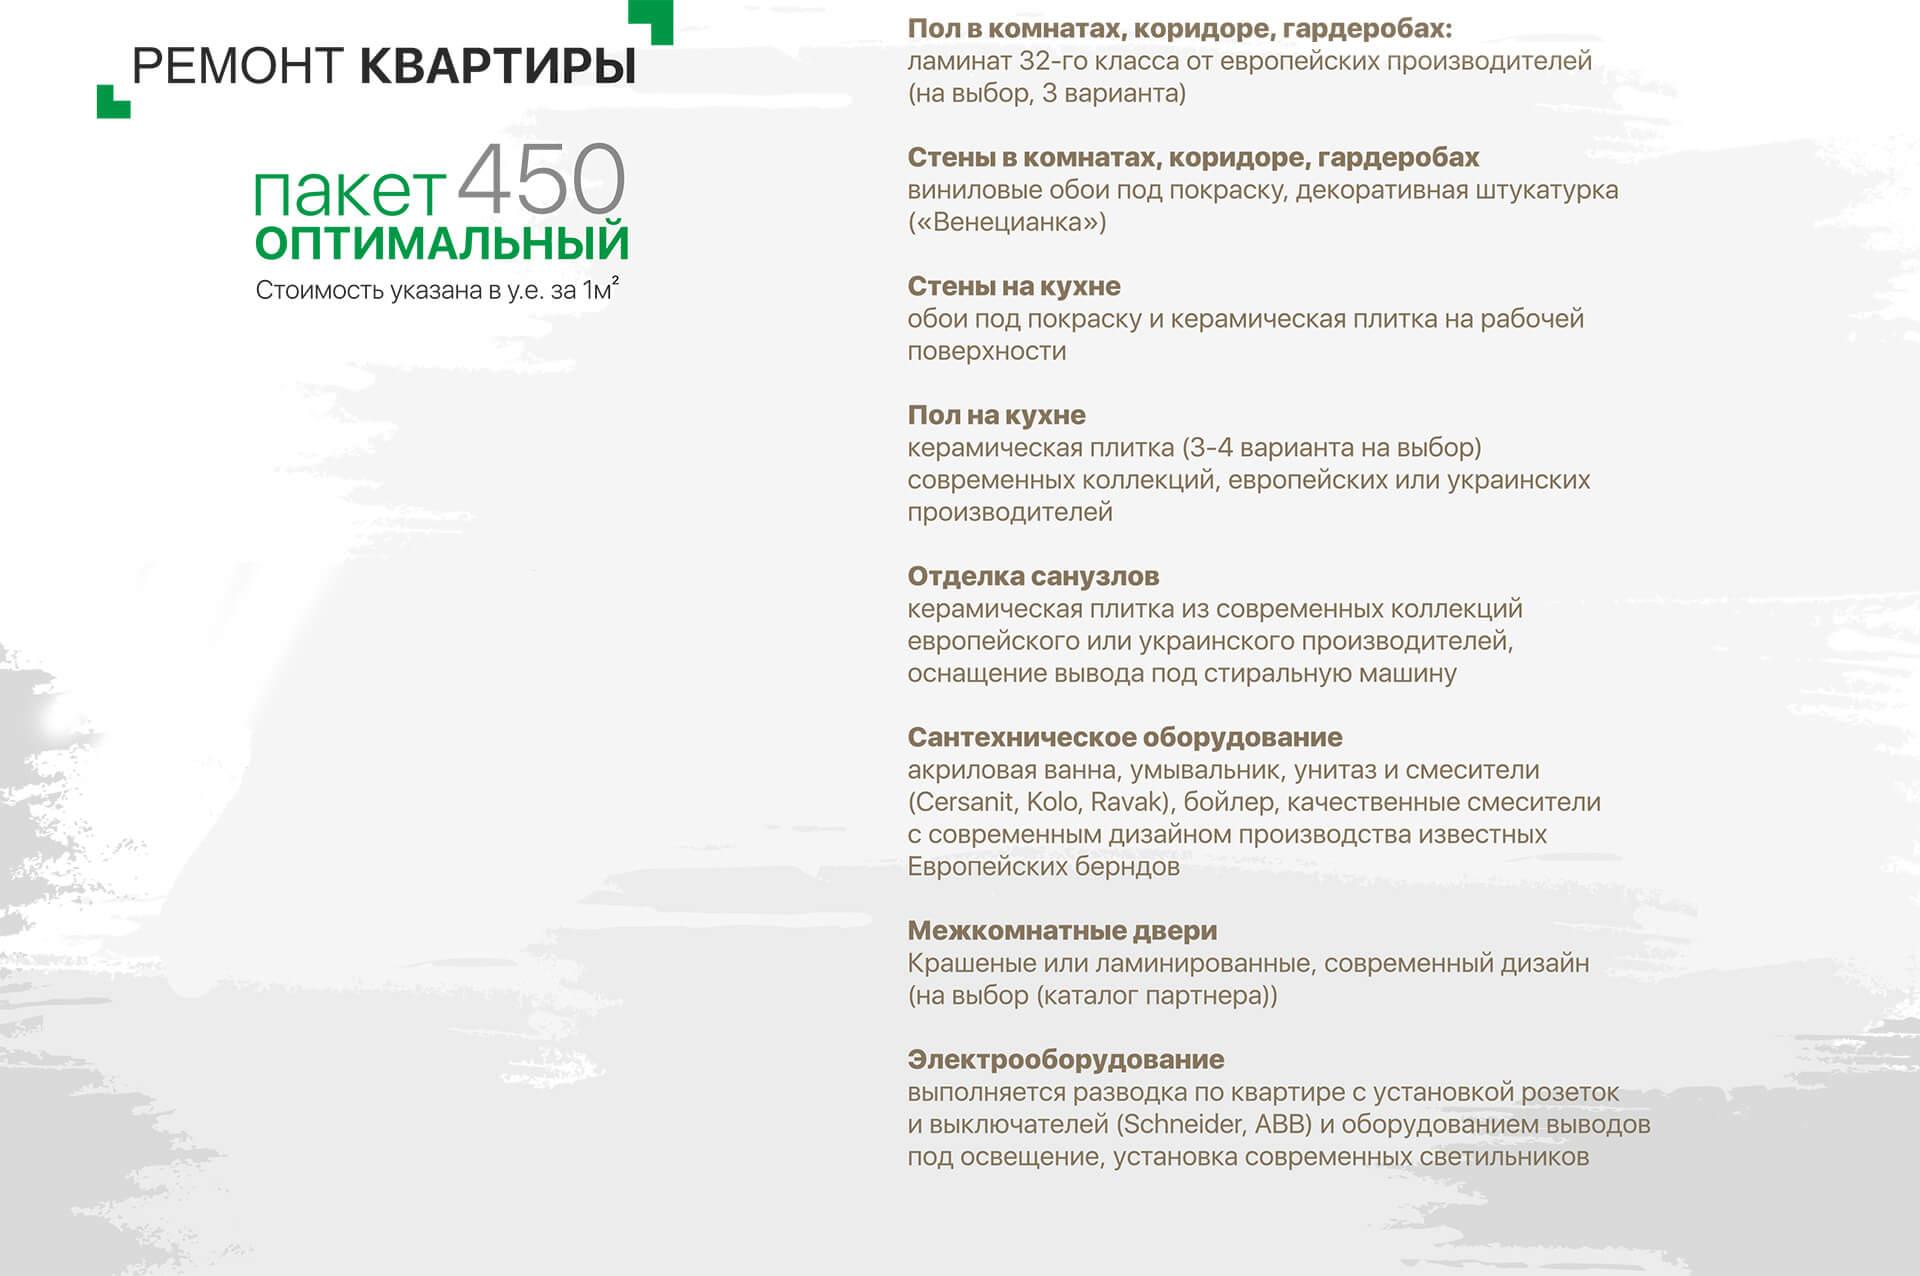 Харьков ЖК Континенталь ремонт новострой оптимальный Харьков